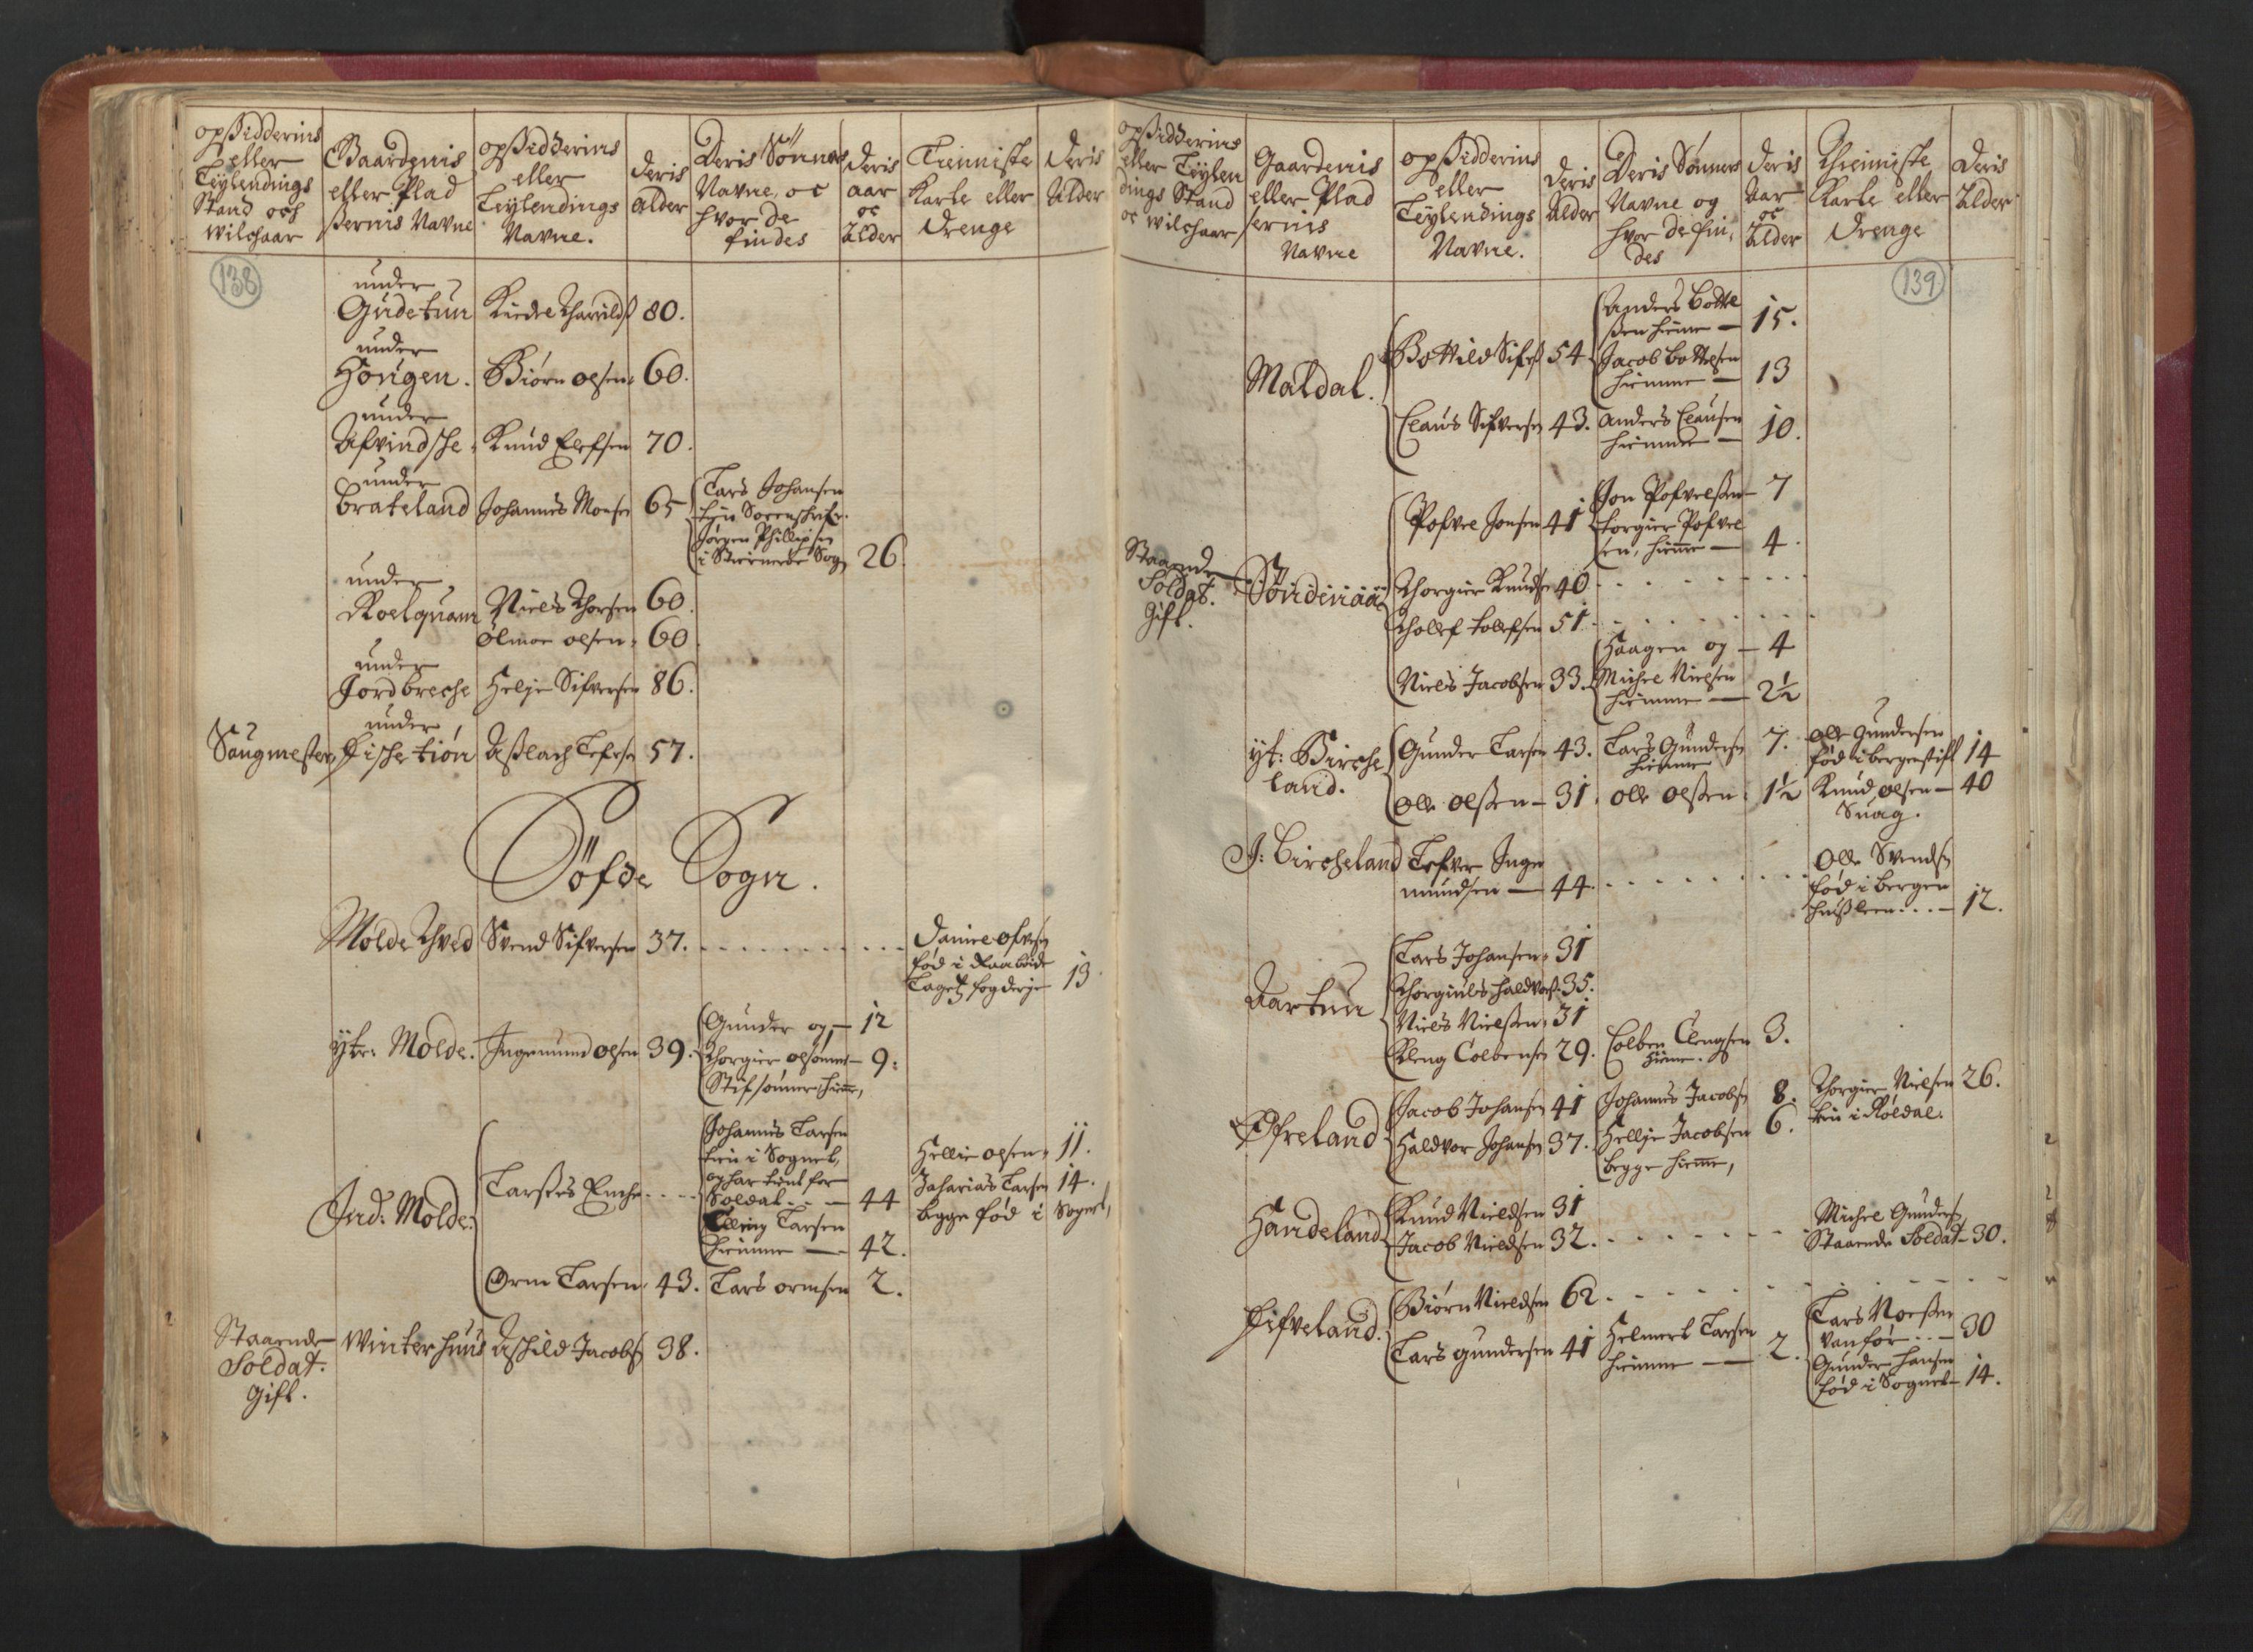 RA, Manntallet 1701, nr. 5: Ryfylke fogderi, 1701, s. 138-139